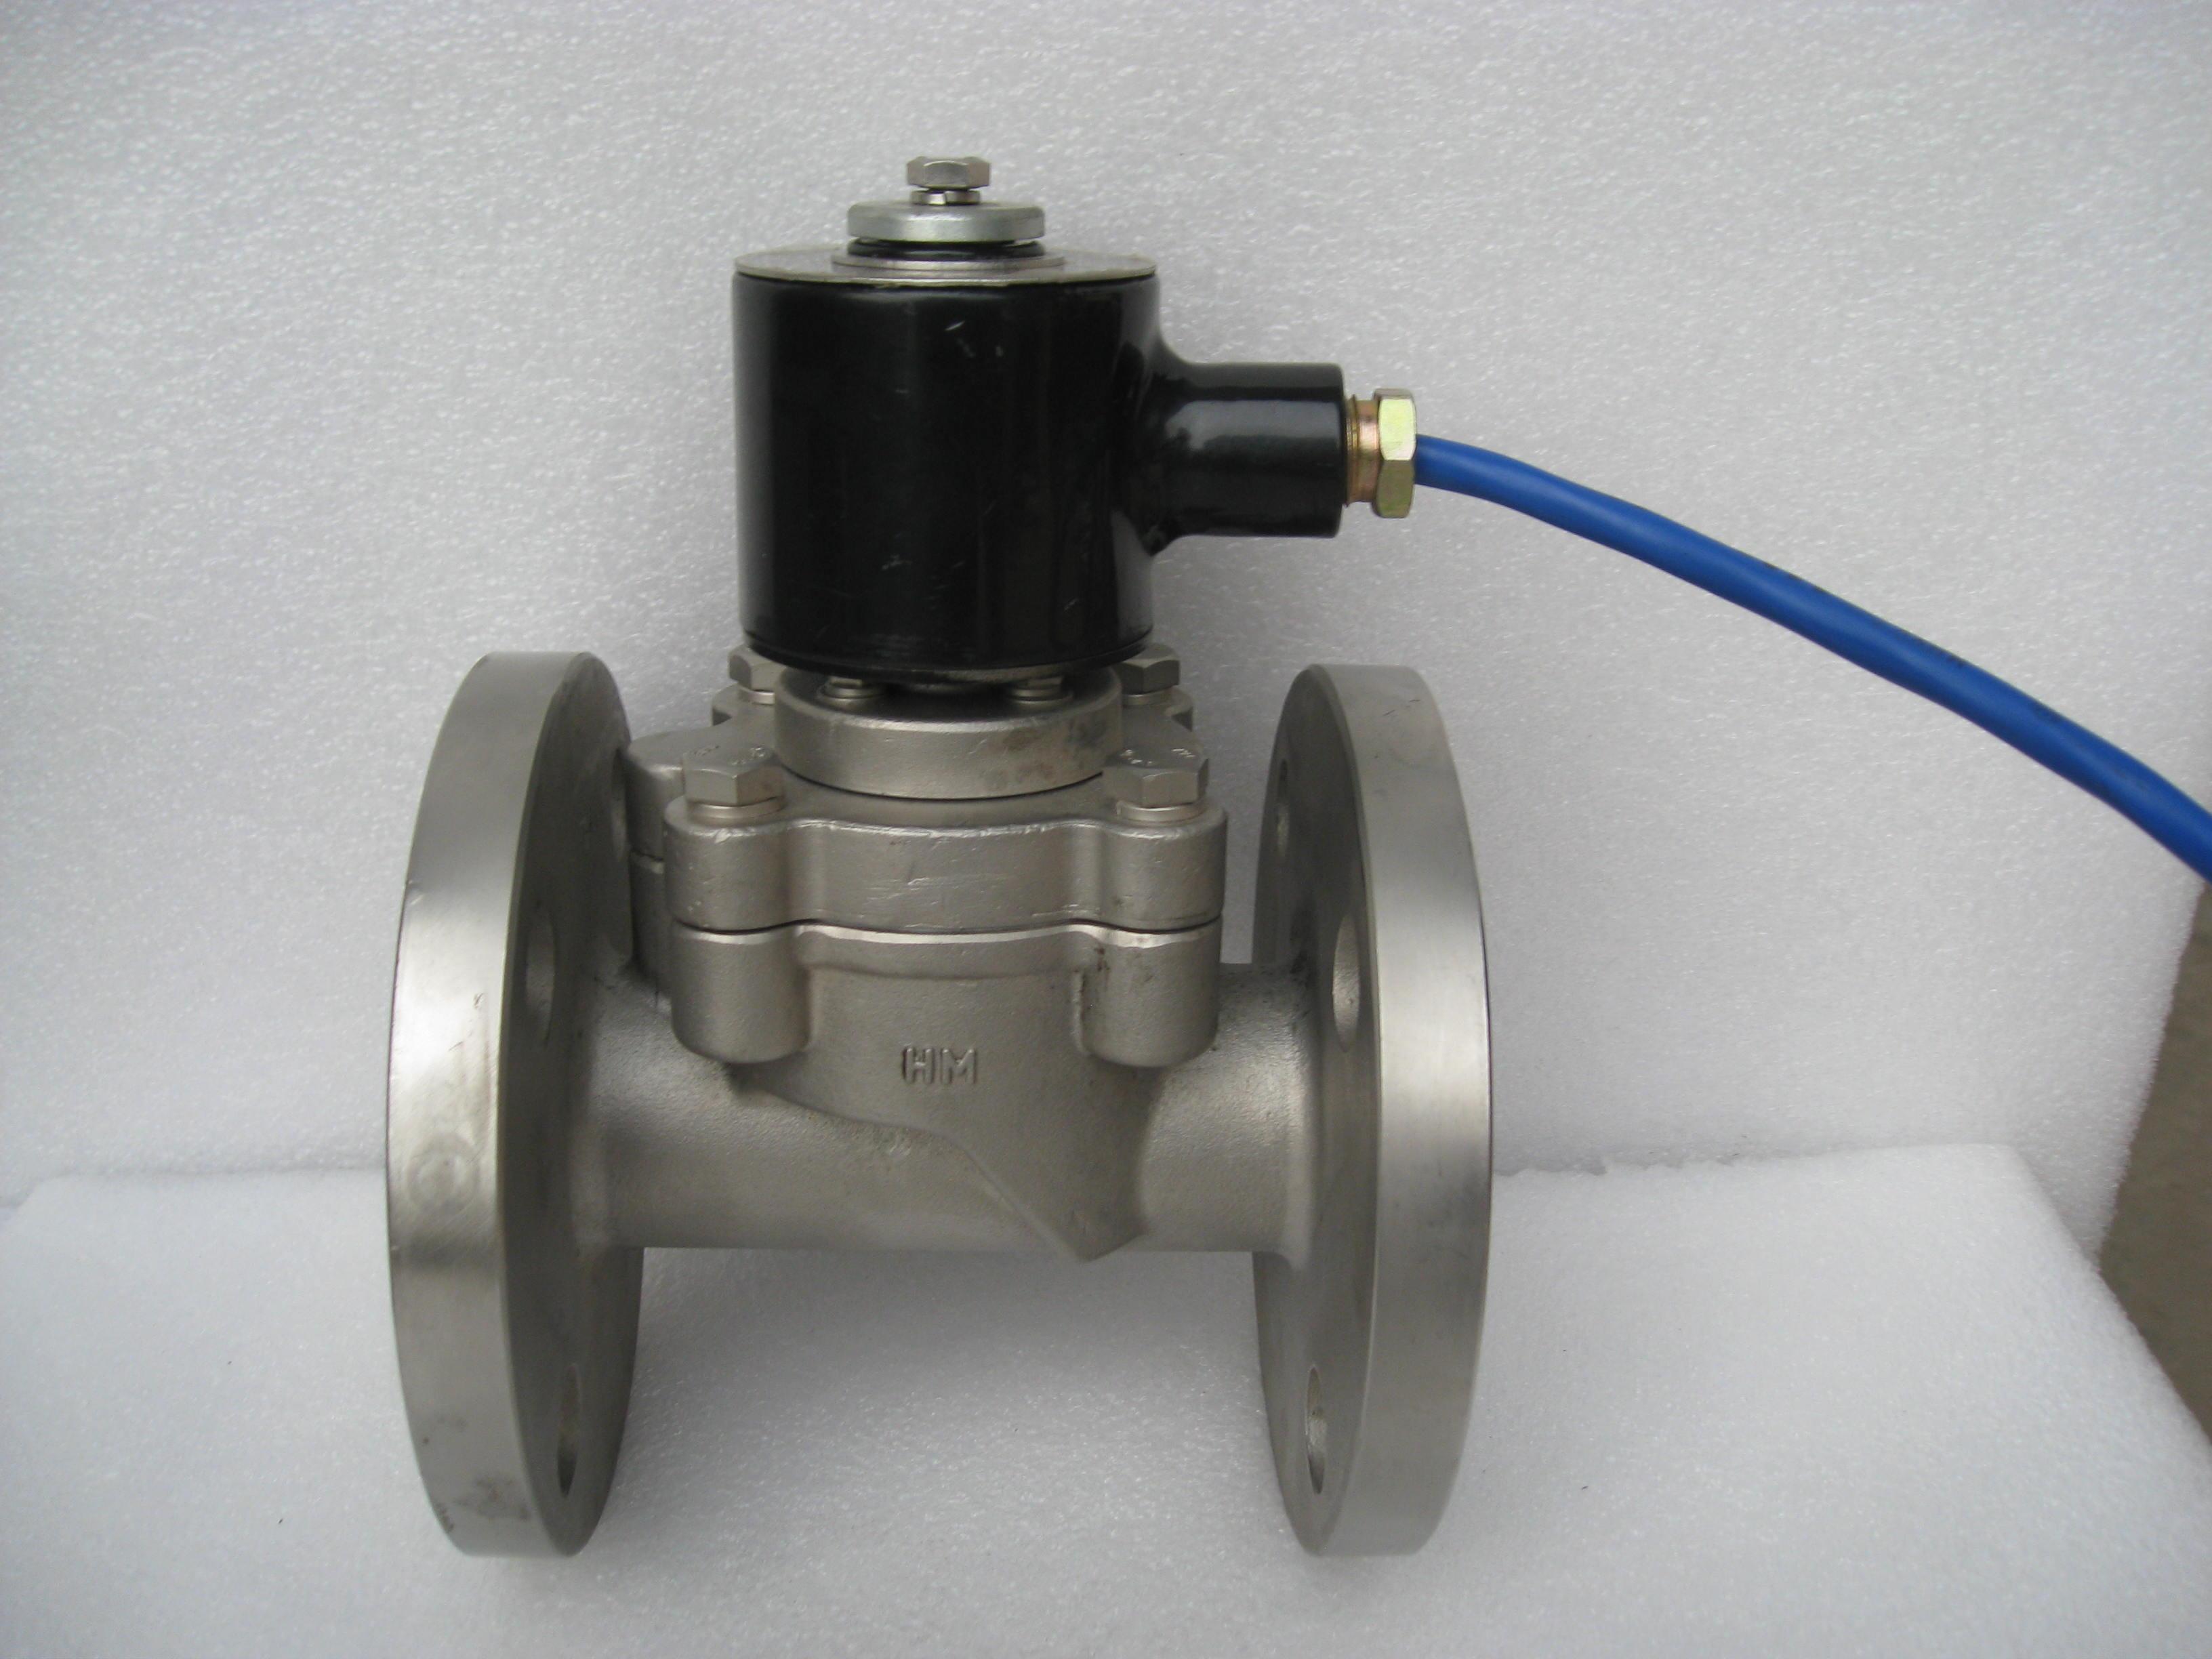 「防爆电磁阀」防爆电磁阀和普通电磁阀有什么区别